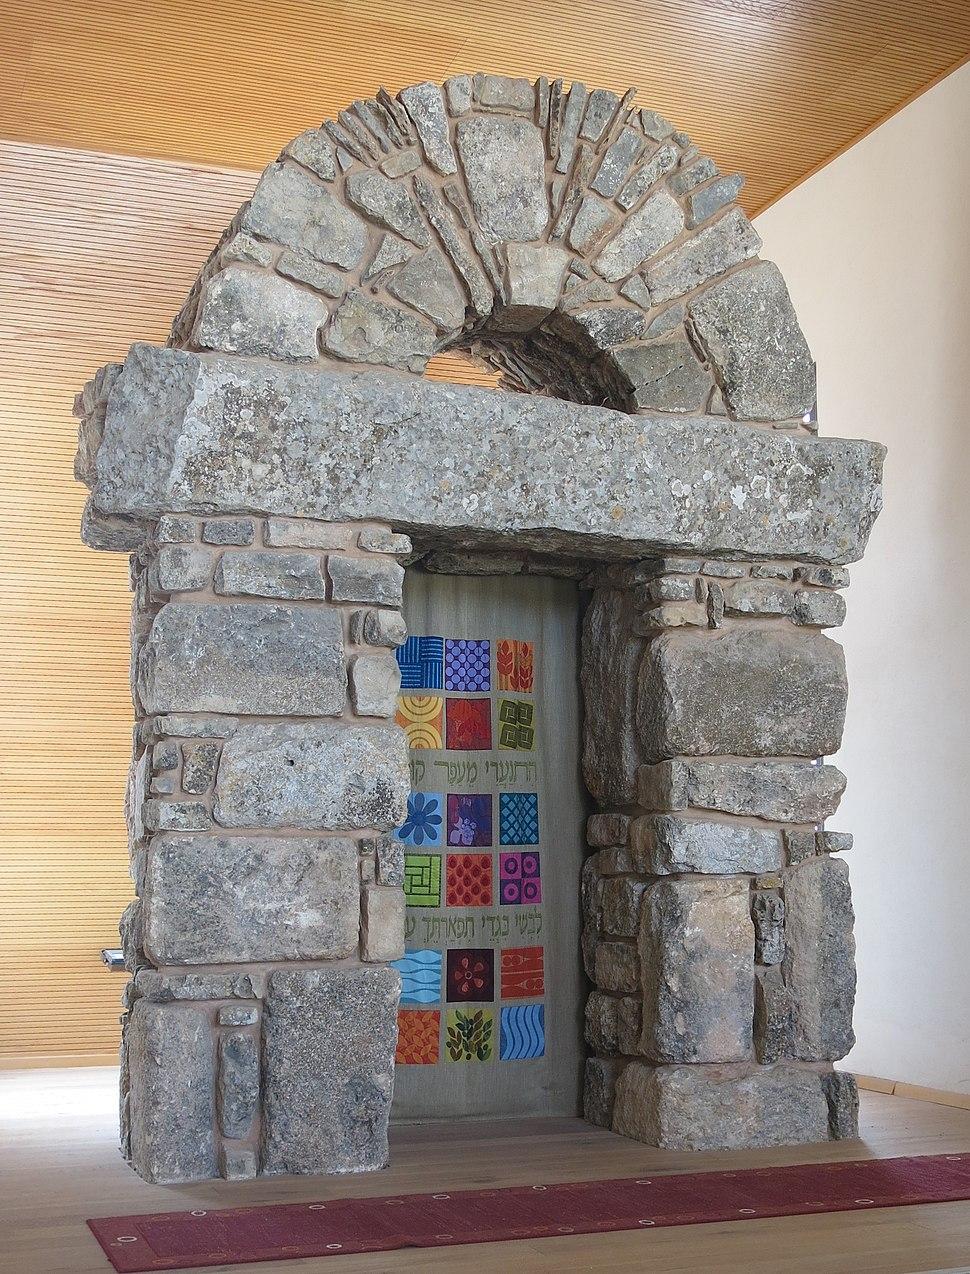 """ארון הקודש בישיבת איתמר, נוצר ע""""י האמן אסף קדרון"""